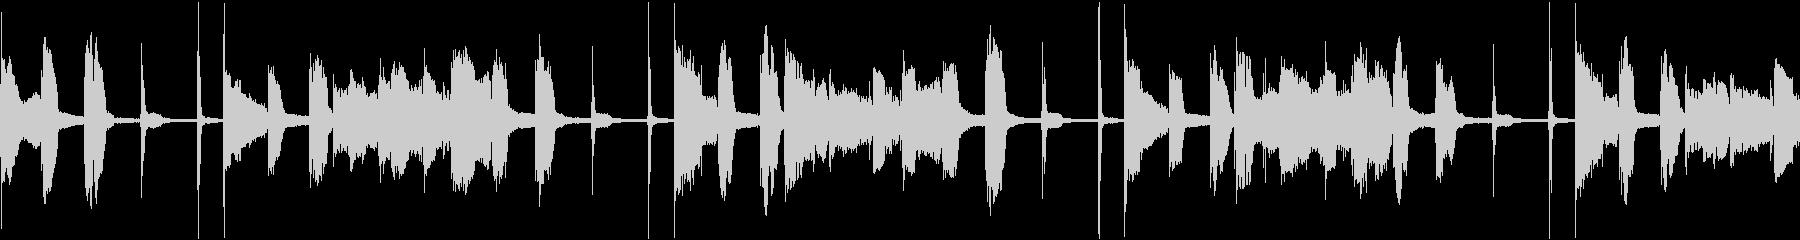 ループ素材_ファンクスラップギターの未再生の波形